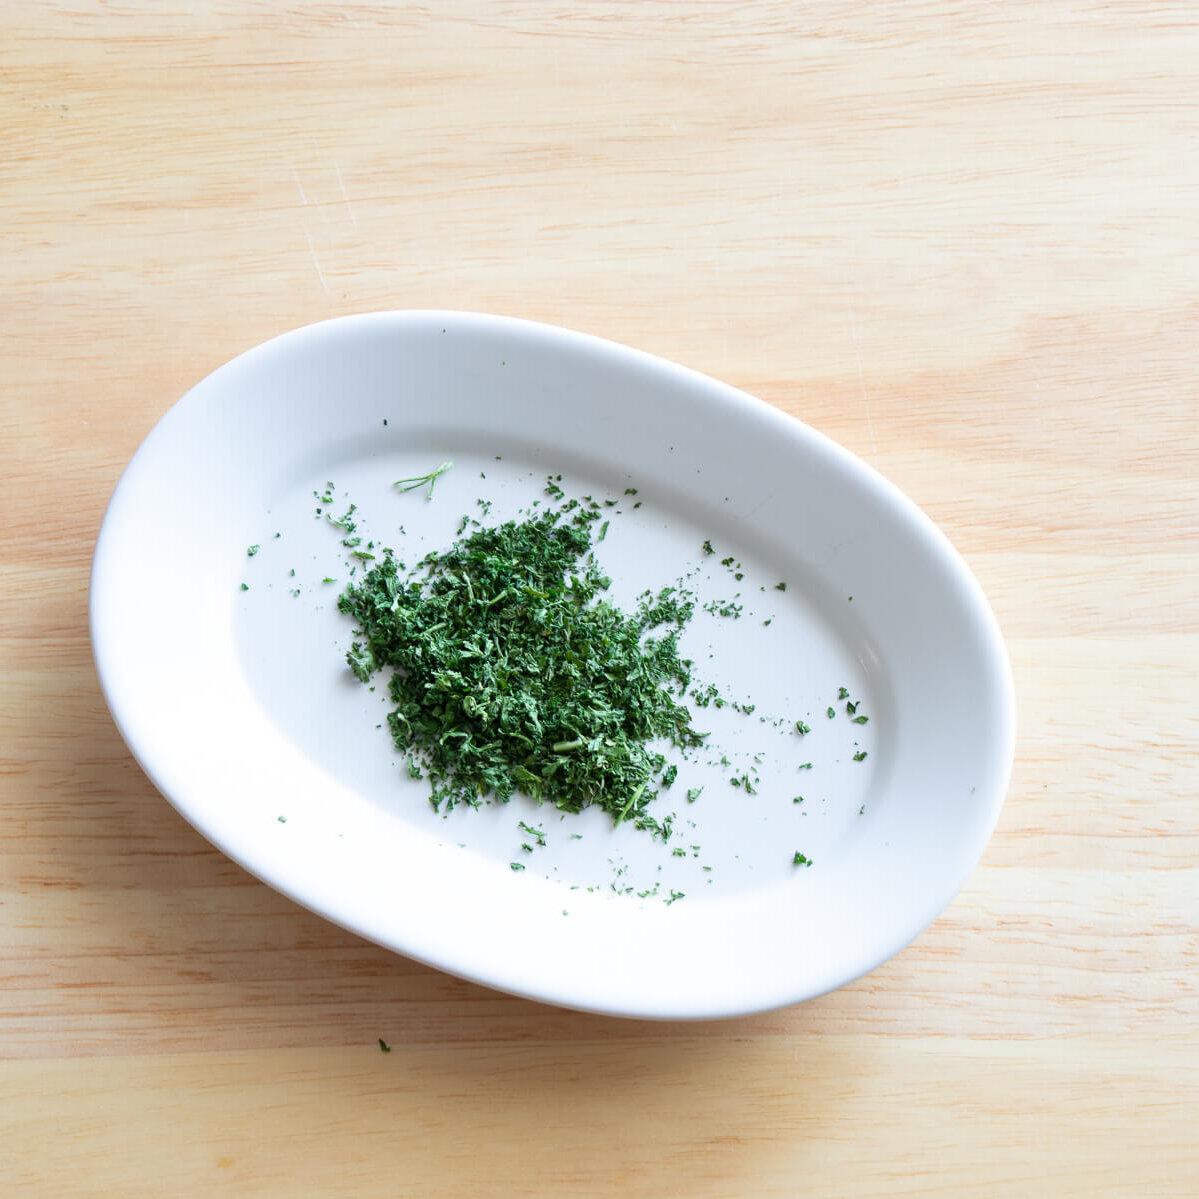 新じゃがフライドポテトのレシピと作り方。スタイリングと料理写真の撮り方。 料理研究家・フードコーディネーター藤井玲子のレシピと料理写真。れこれしぴ